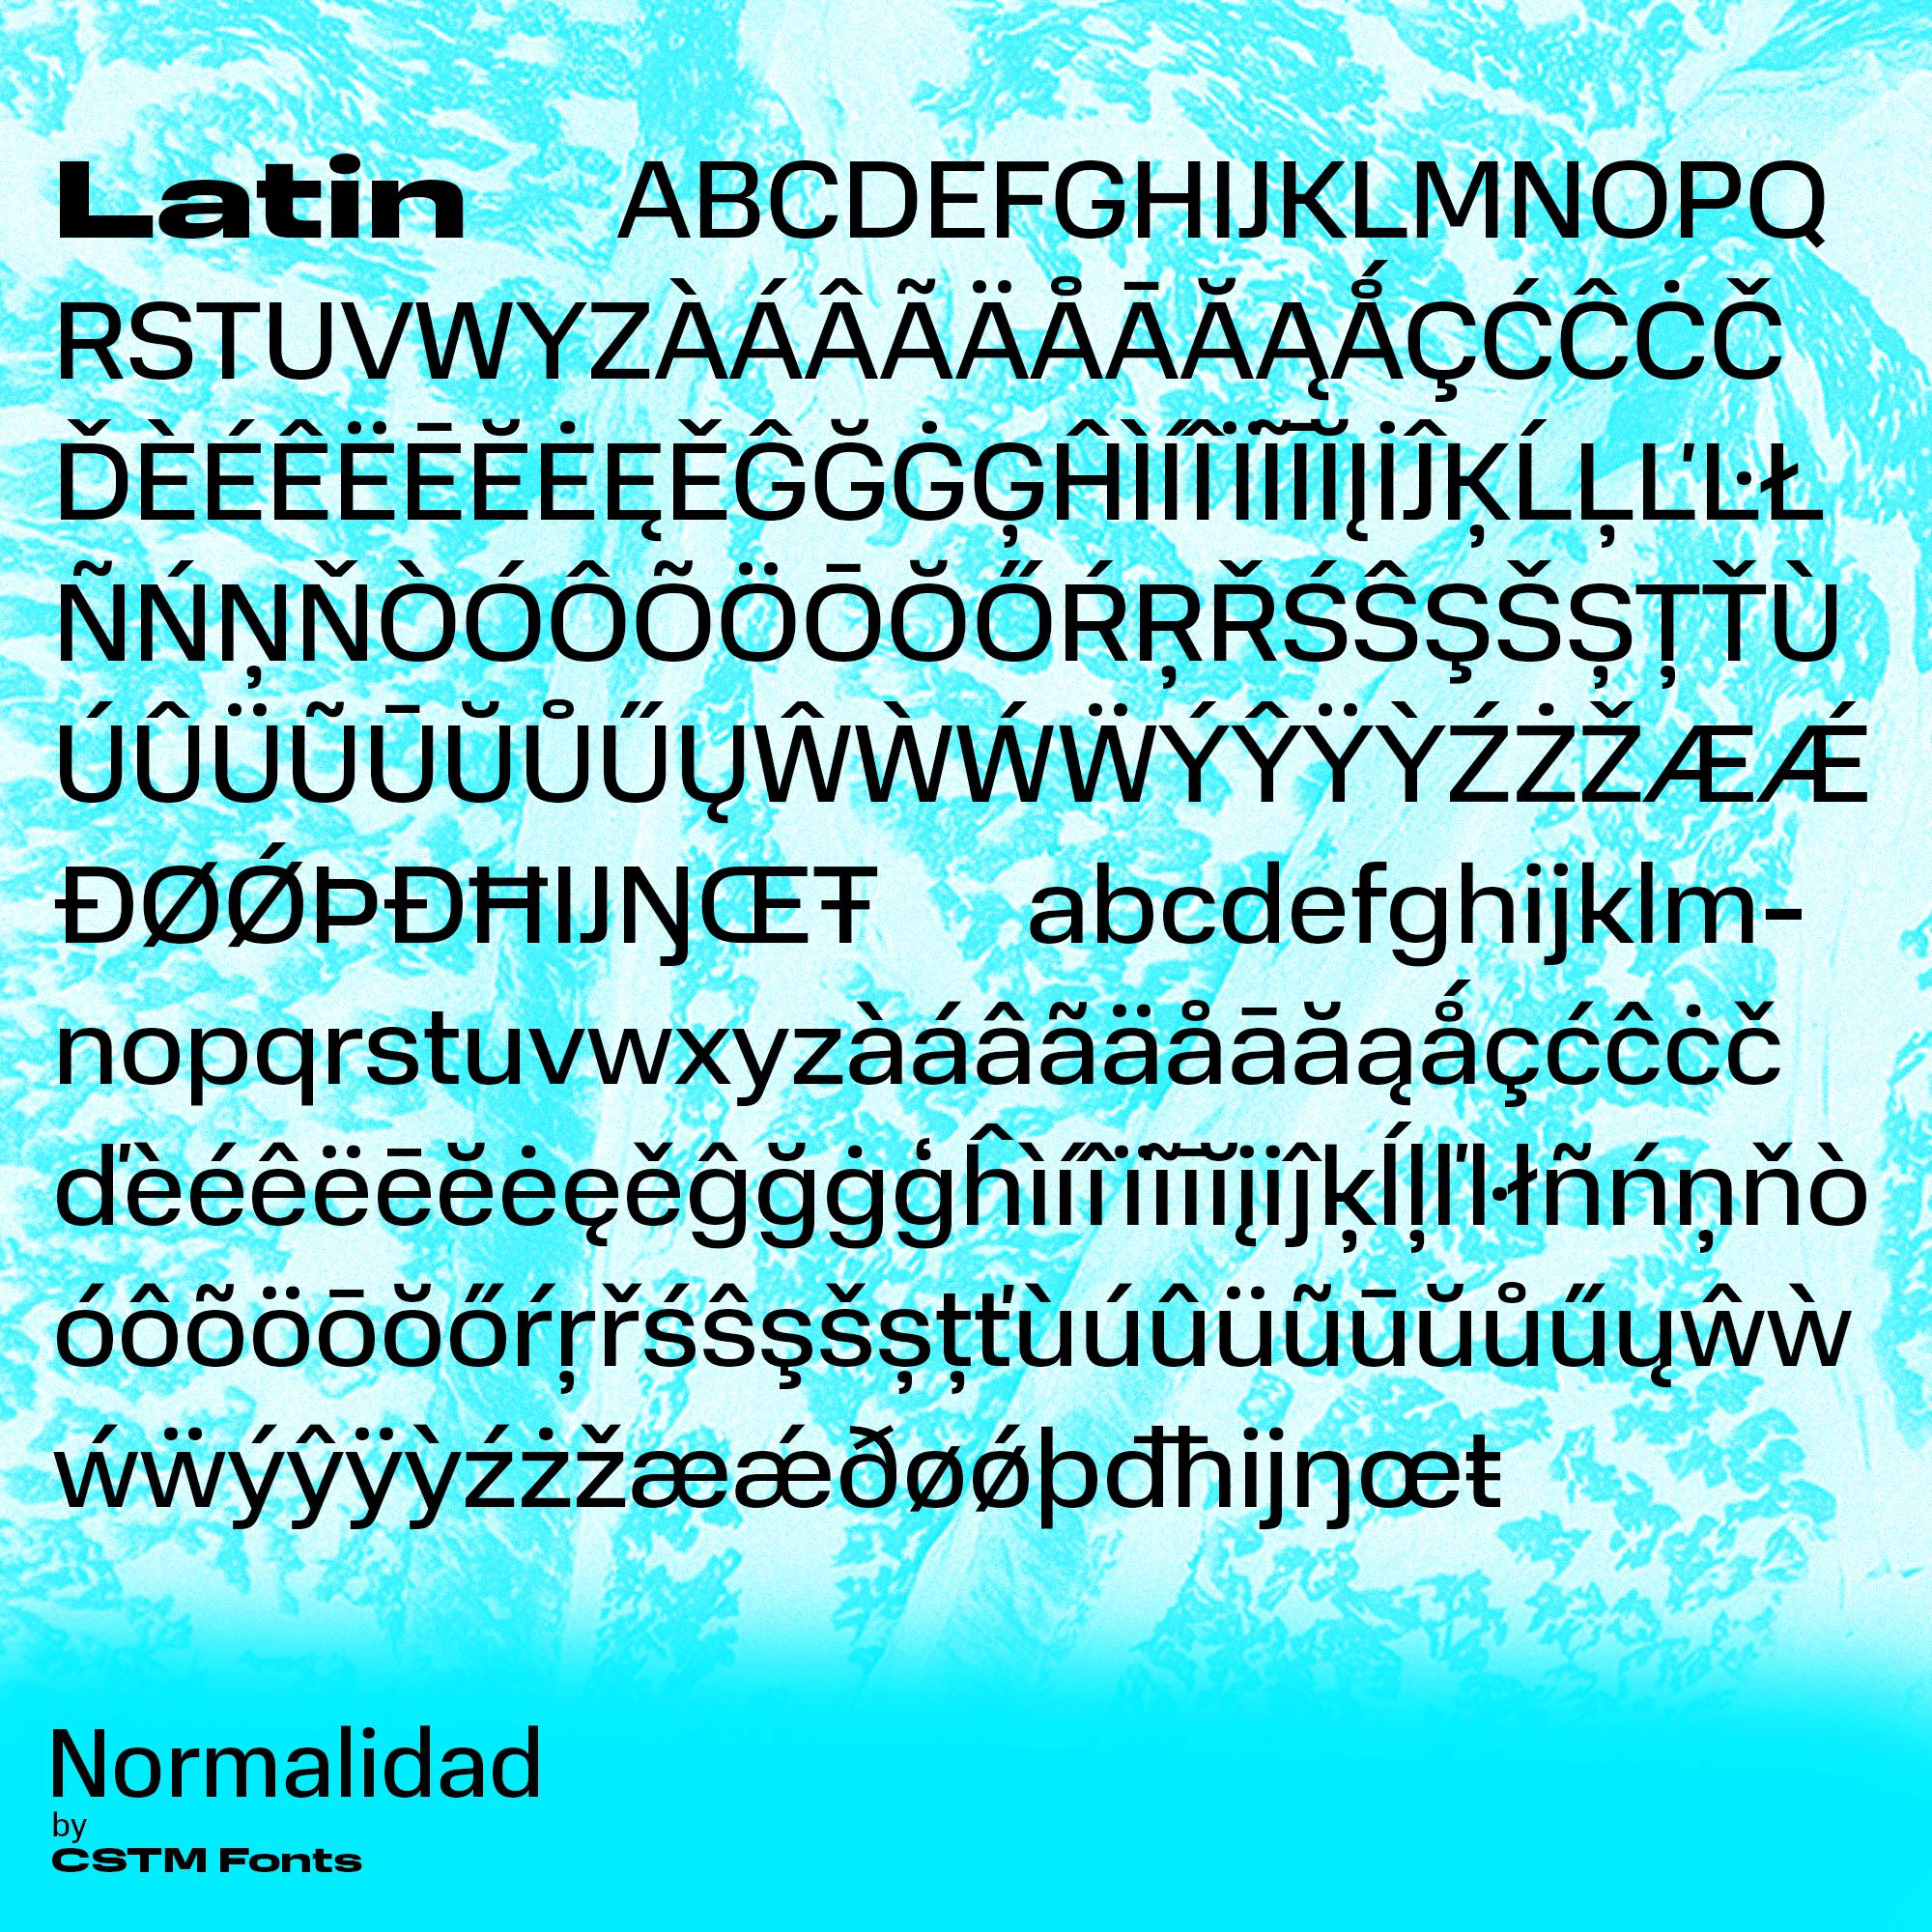 Normalidad_9